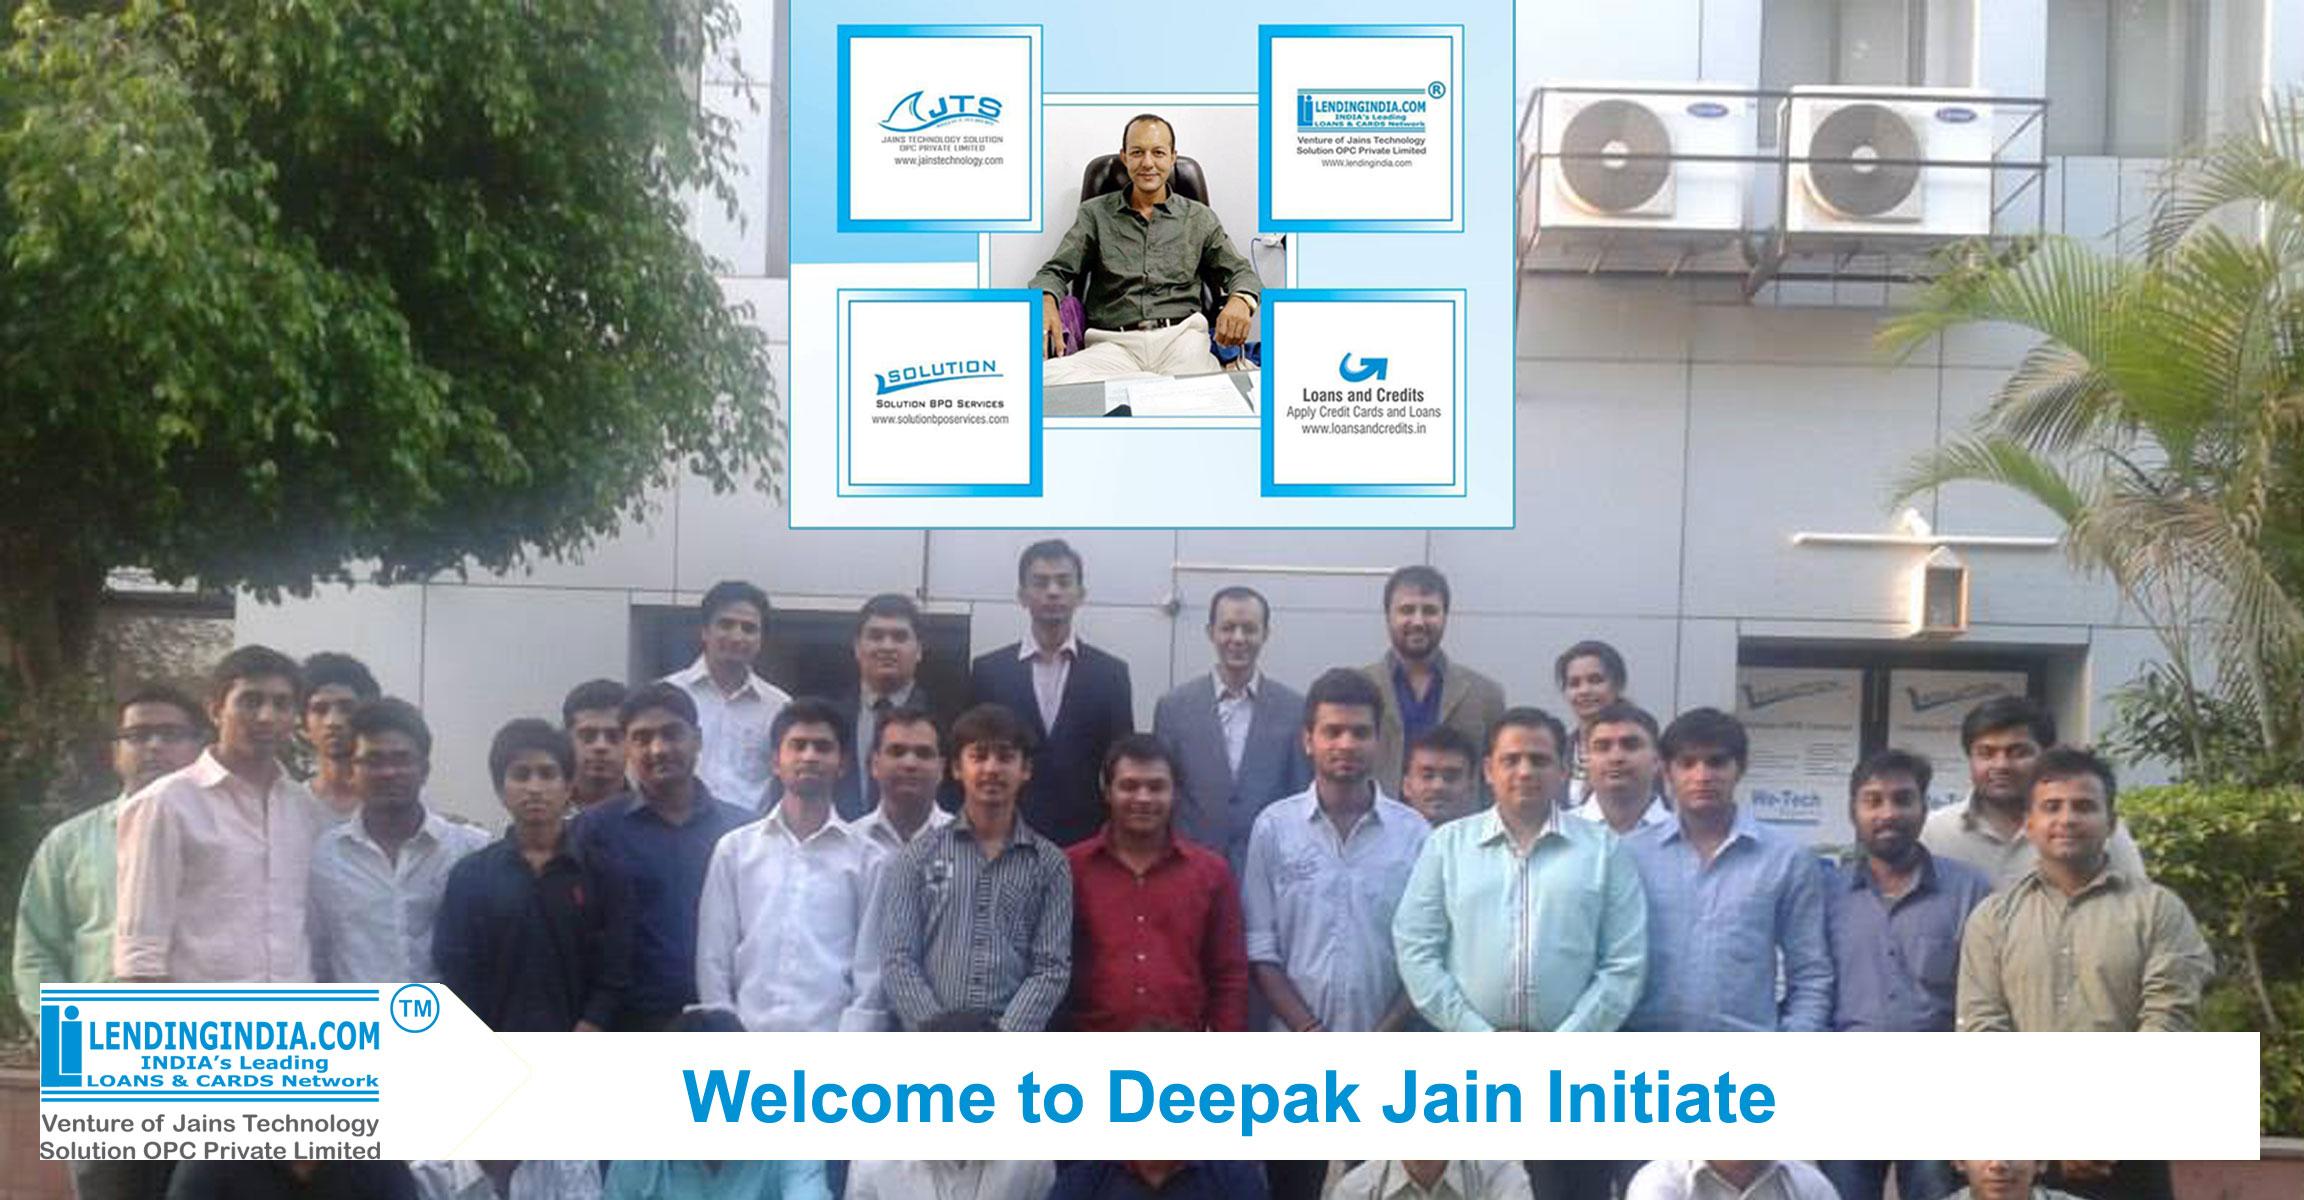 lending india loan deepak jain